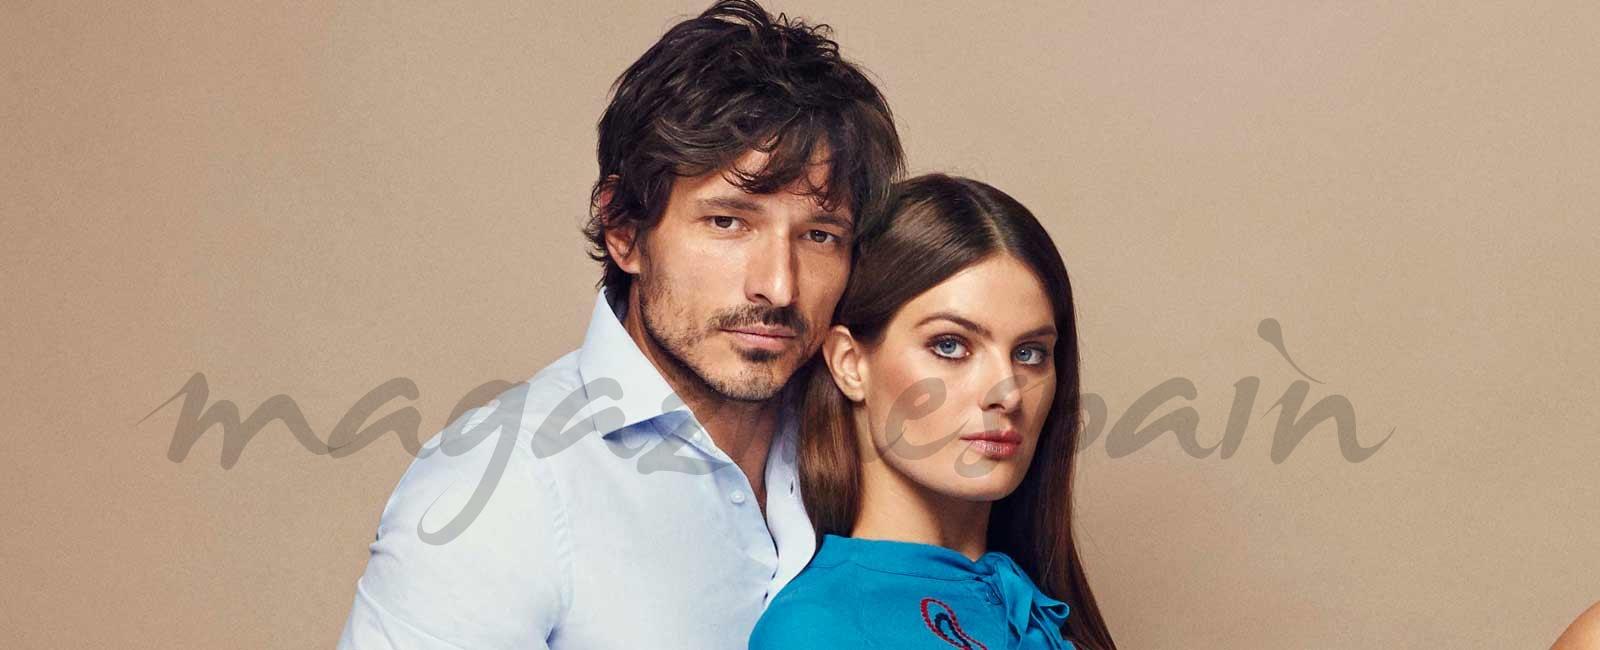 ¿Qué hacen juntos Andrés Velencoso e Isabel Fontana?